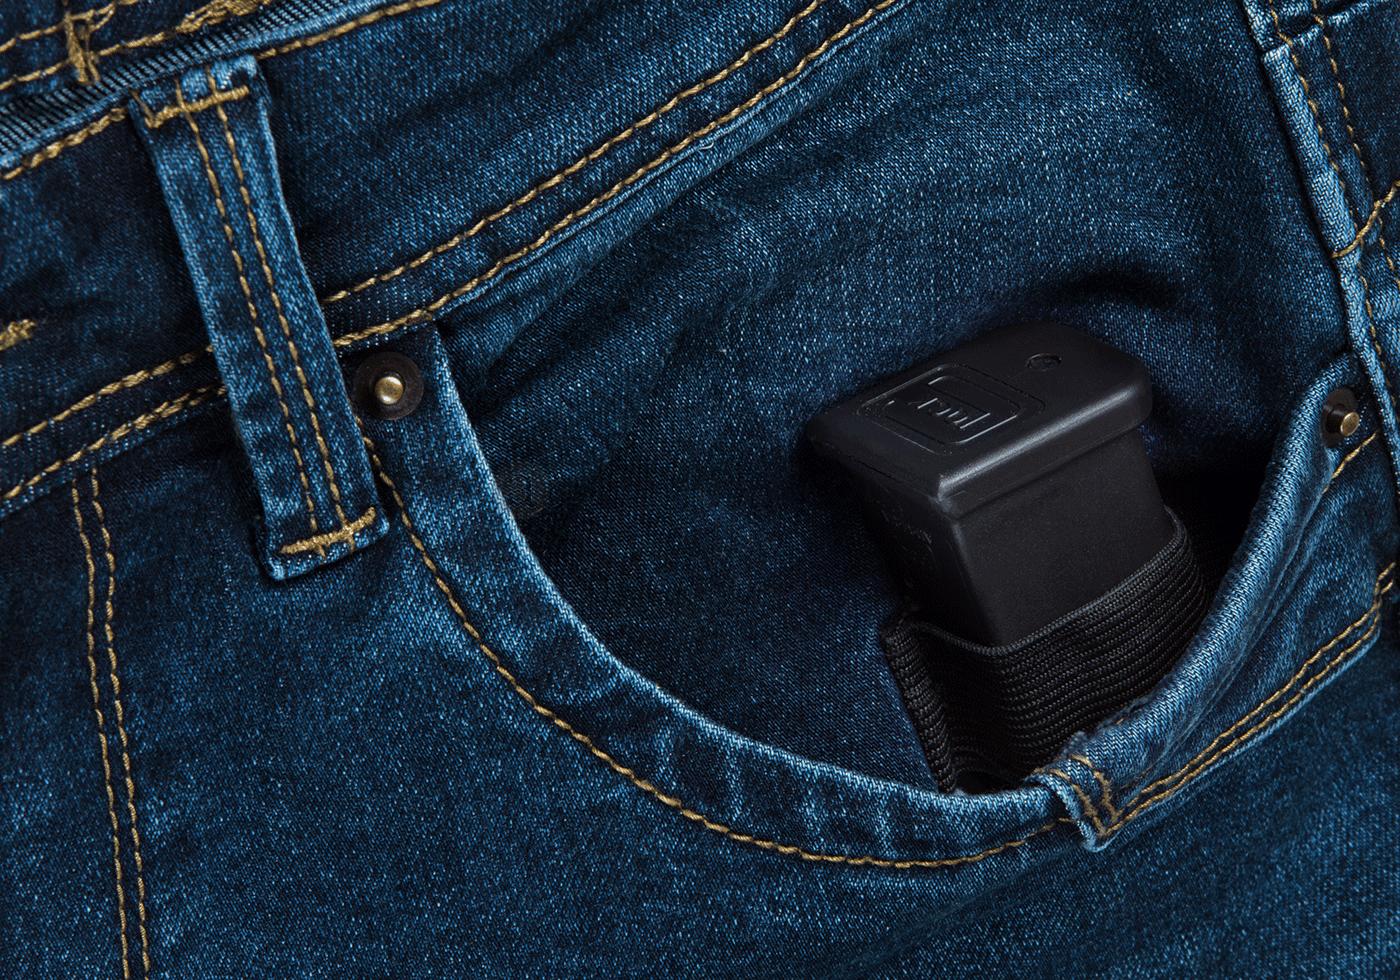 15d95d1e15f0 Blue Denim Tactical Flex Jeans Midnight (Clawgear) 33/36 - Jeans - Pants -  Garments - armamat.ch Online shop